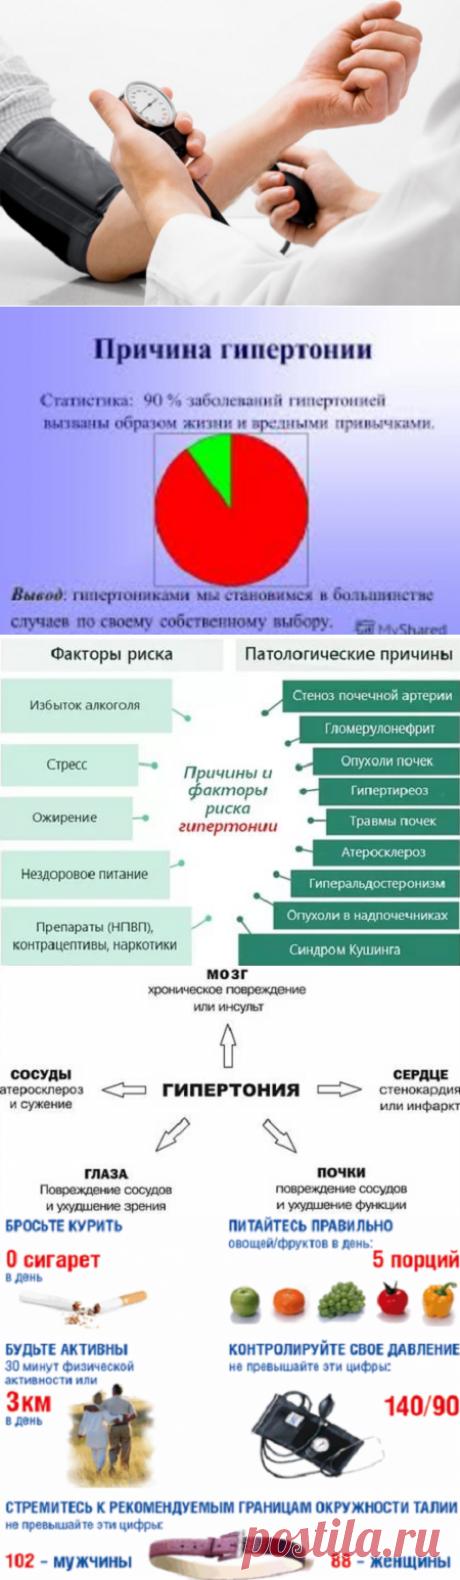 Гипертония: как распознать и лечить болезнь?   Кладовая здоровья   Яндекс Дзен